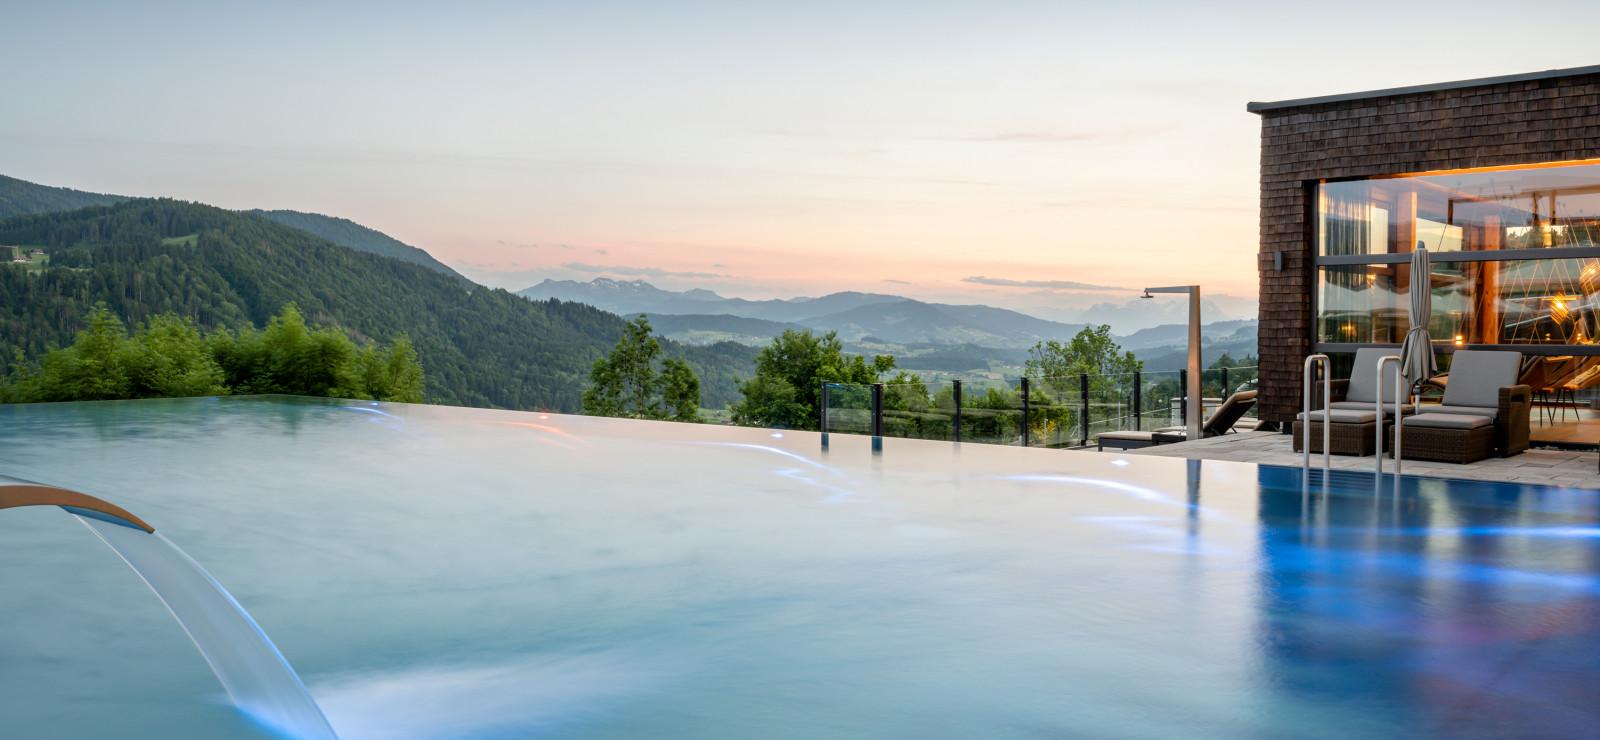 Bergkristall - Mein Resort im Allgäu Bilder | Bild 1